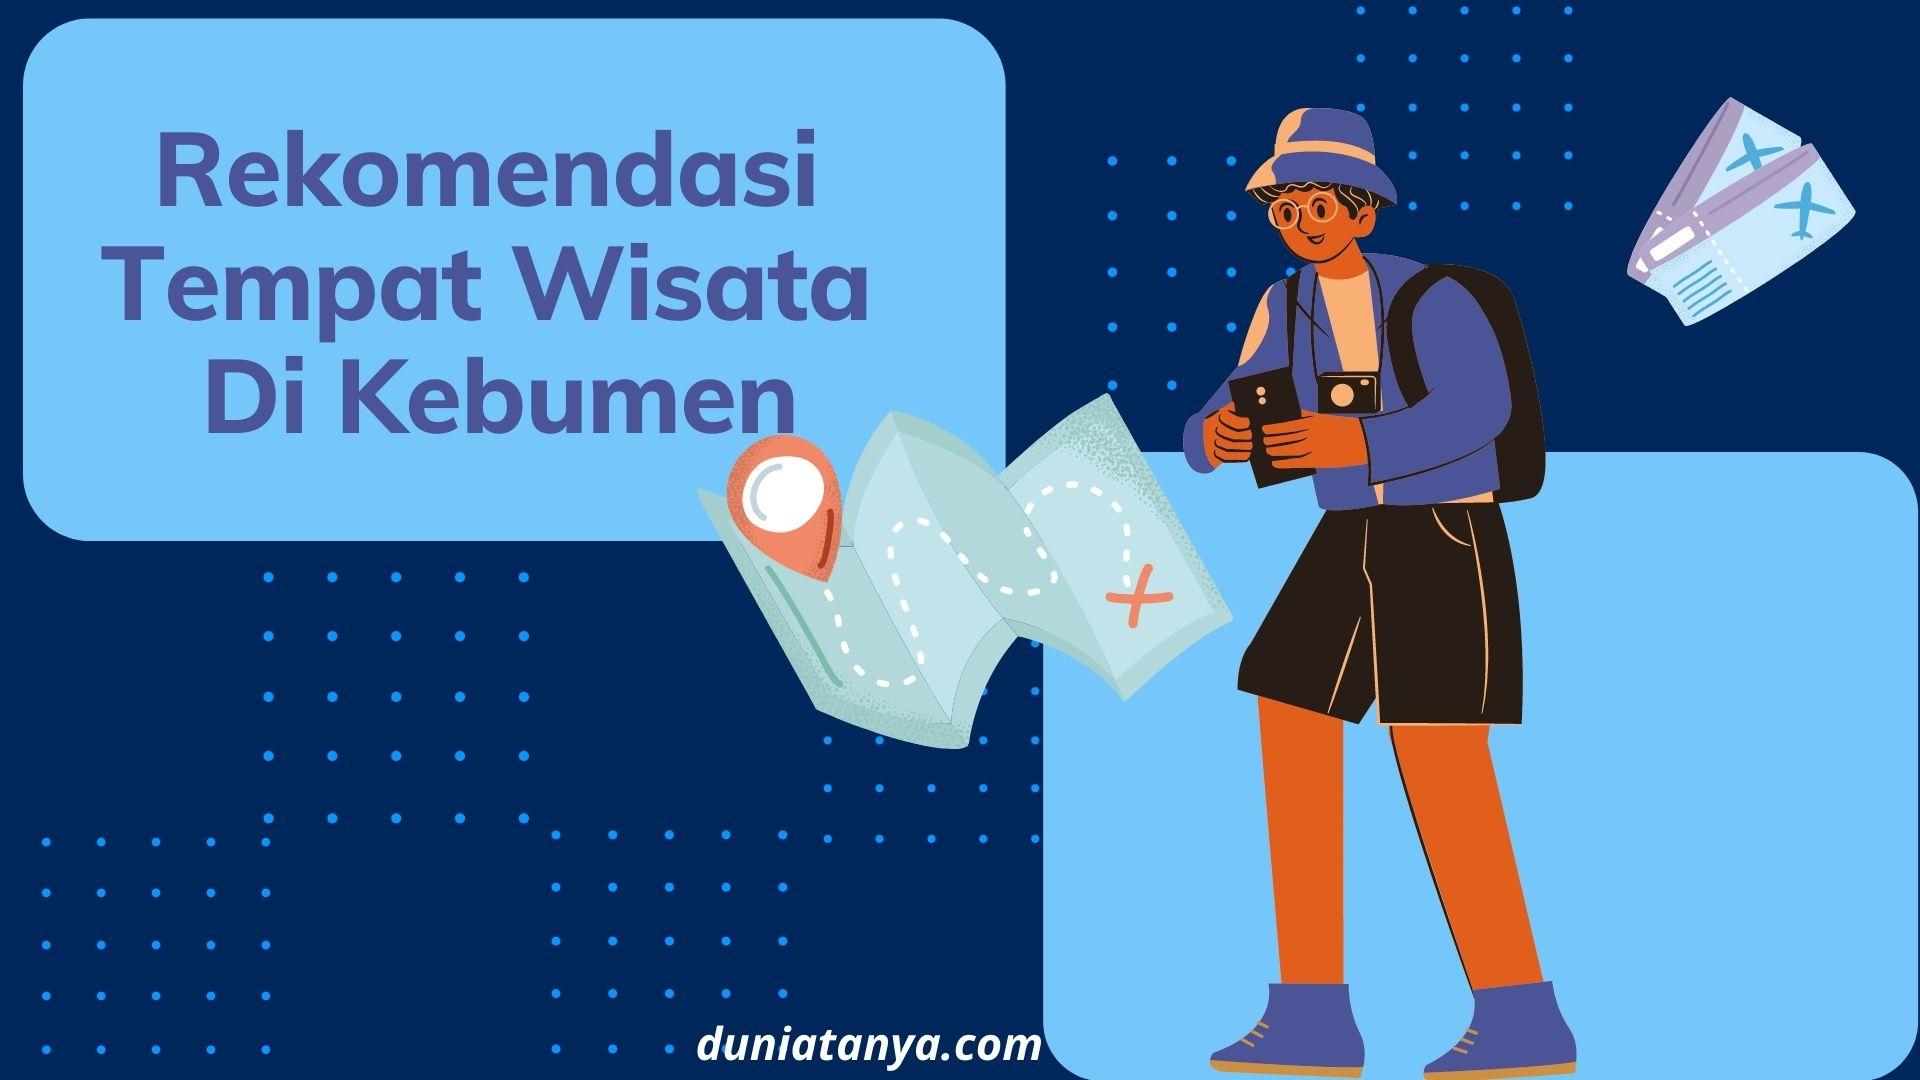 You are currently viewing Rekomendasi Tempat Wisata Di Kebumen